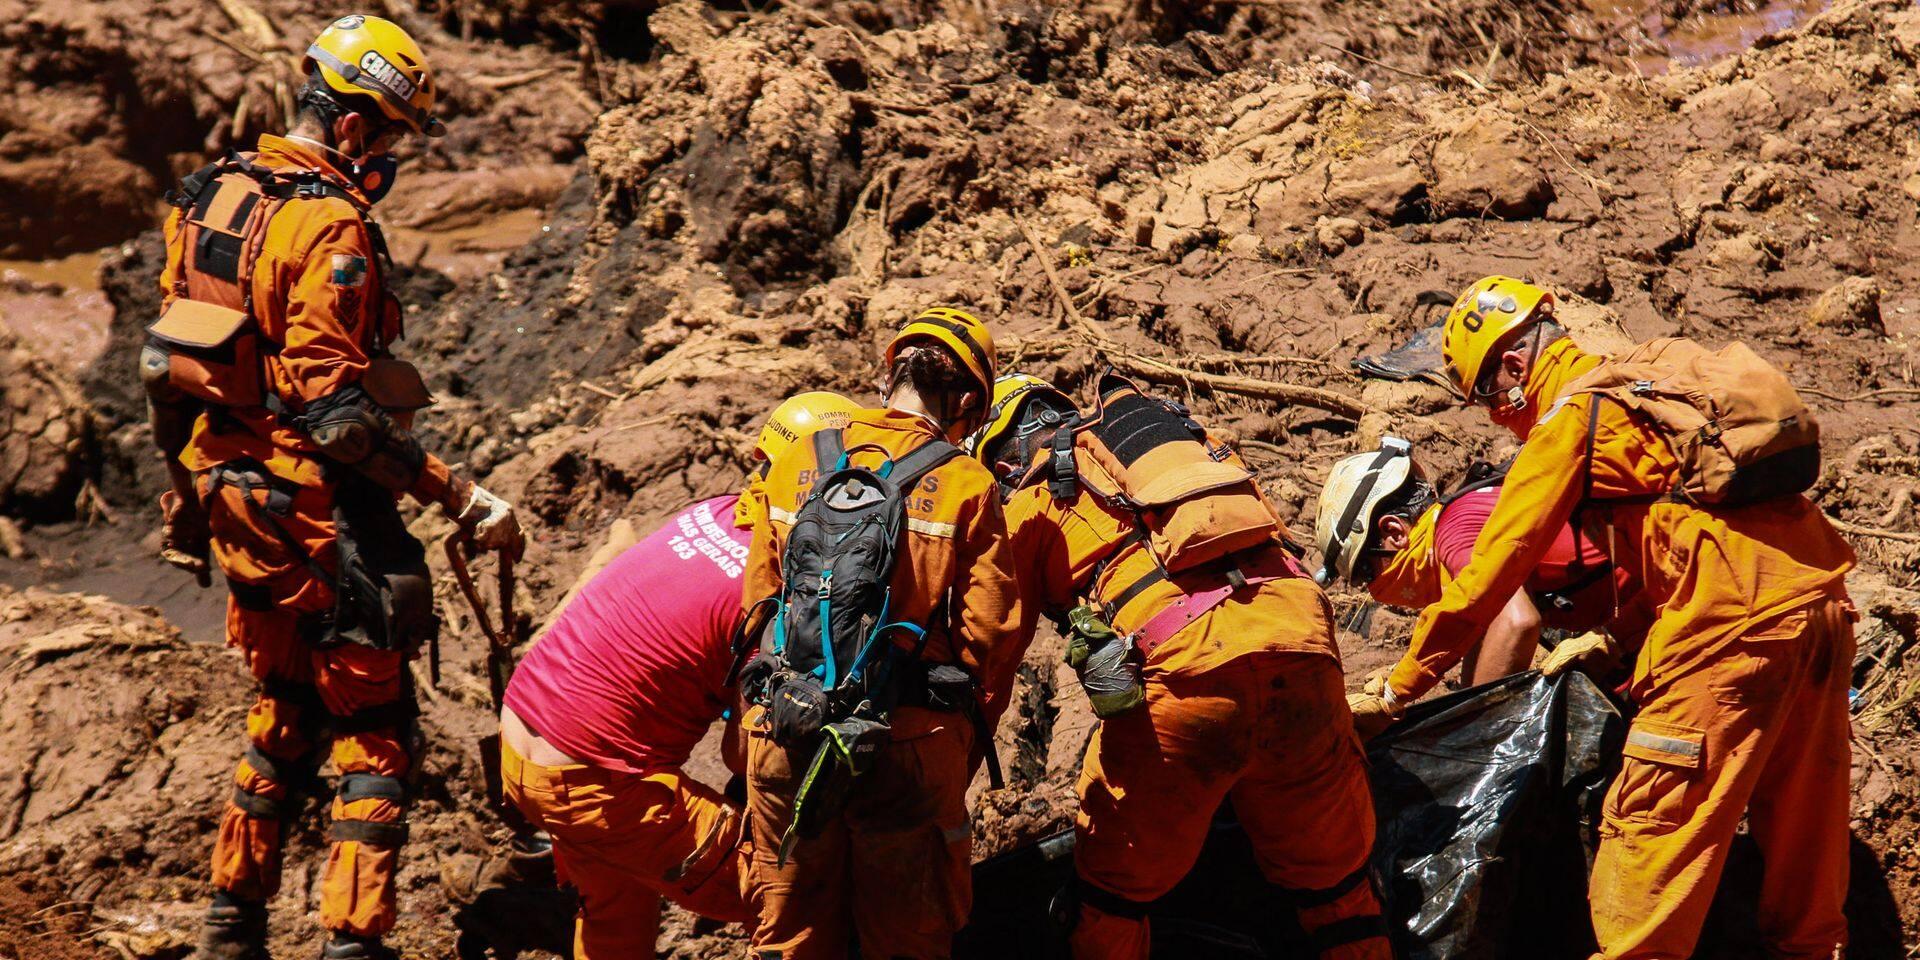 Brésil: Vale a omis des informations, la tragédie de Brumadinho aurait pu être évitée